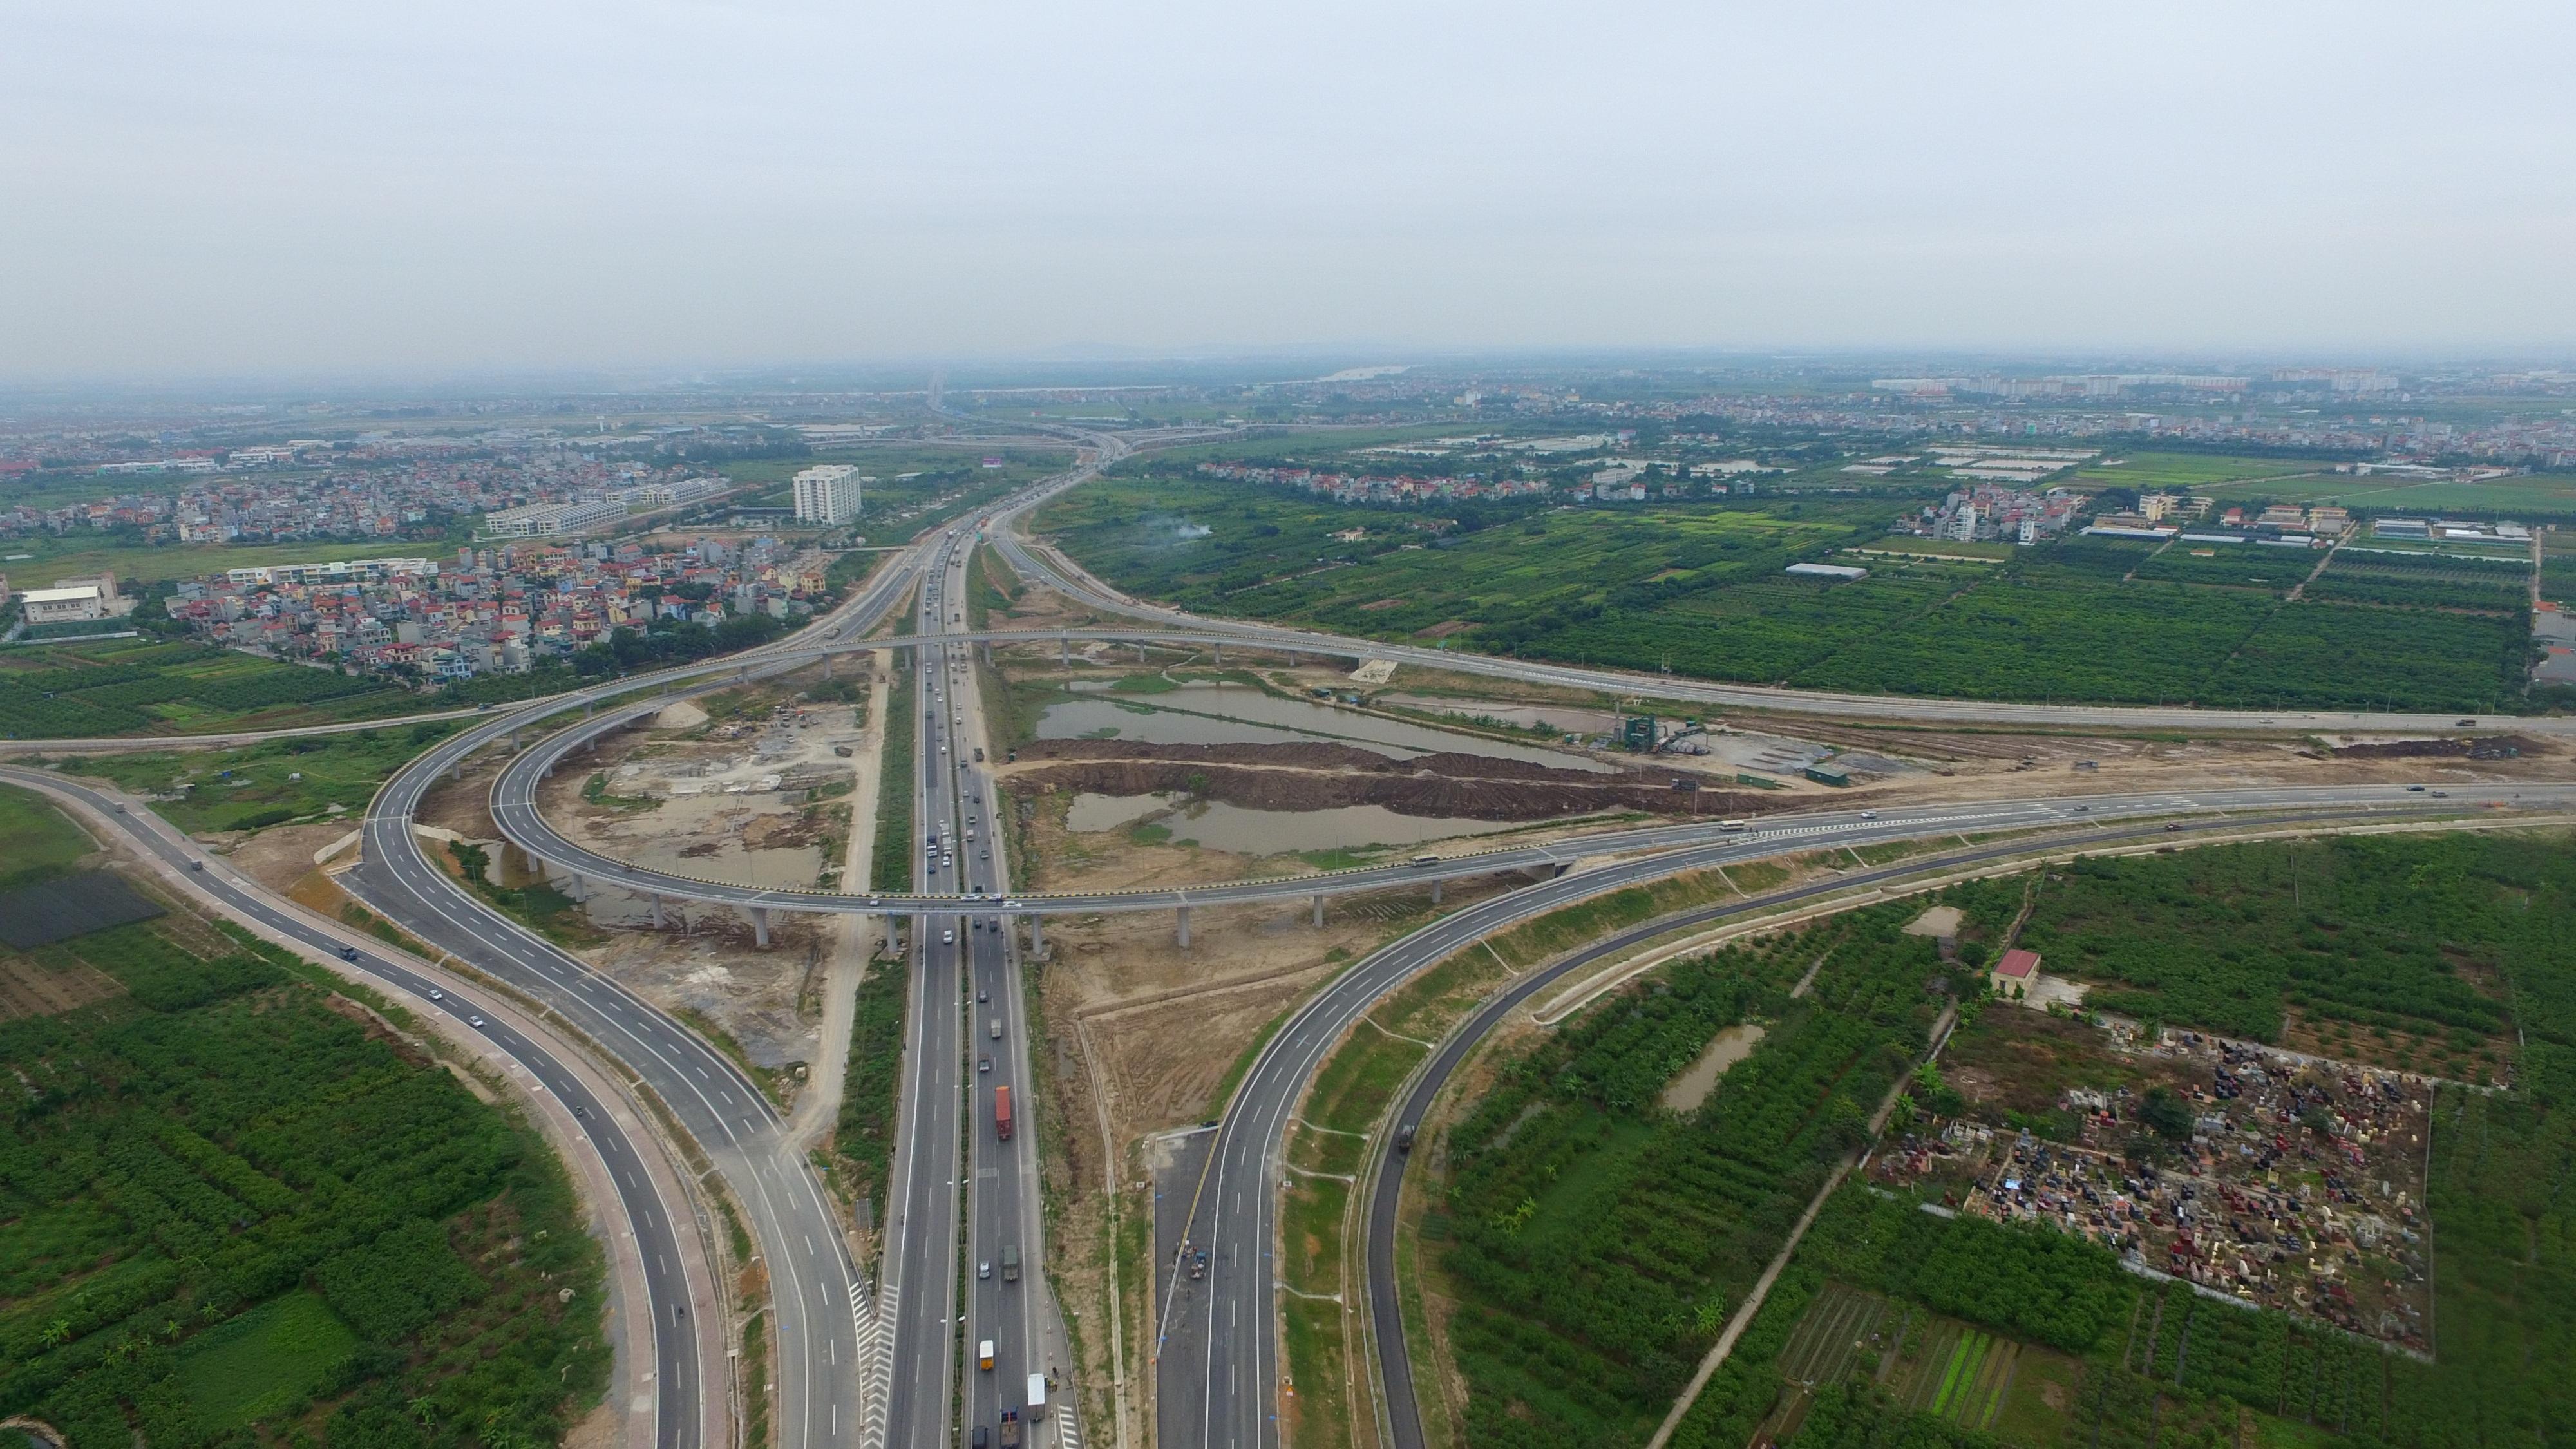 Tổng mức đầu tư của dự án là 45.487 tỷ đồng. Tuyến đường được khởi công xây dựng vào tháng 5/2008 và thông xe toàn tuyến vào ngày 5/12/2015.